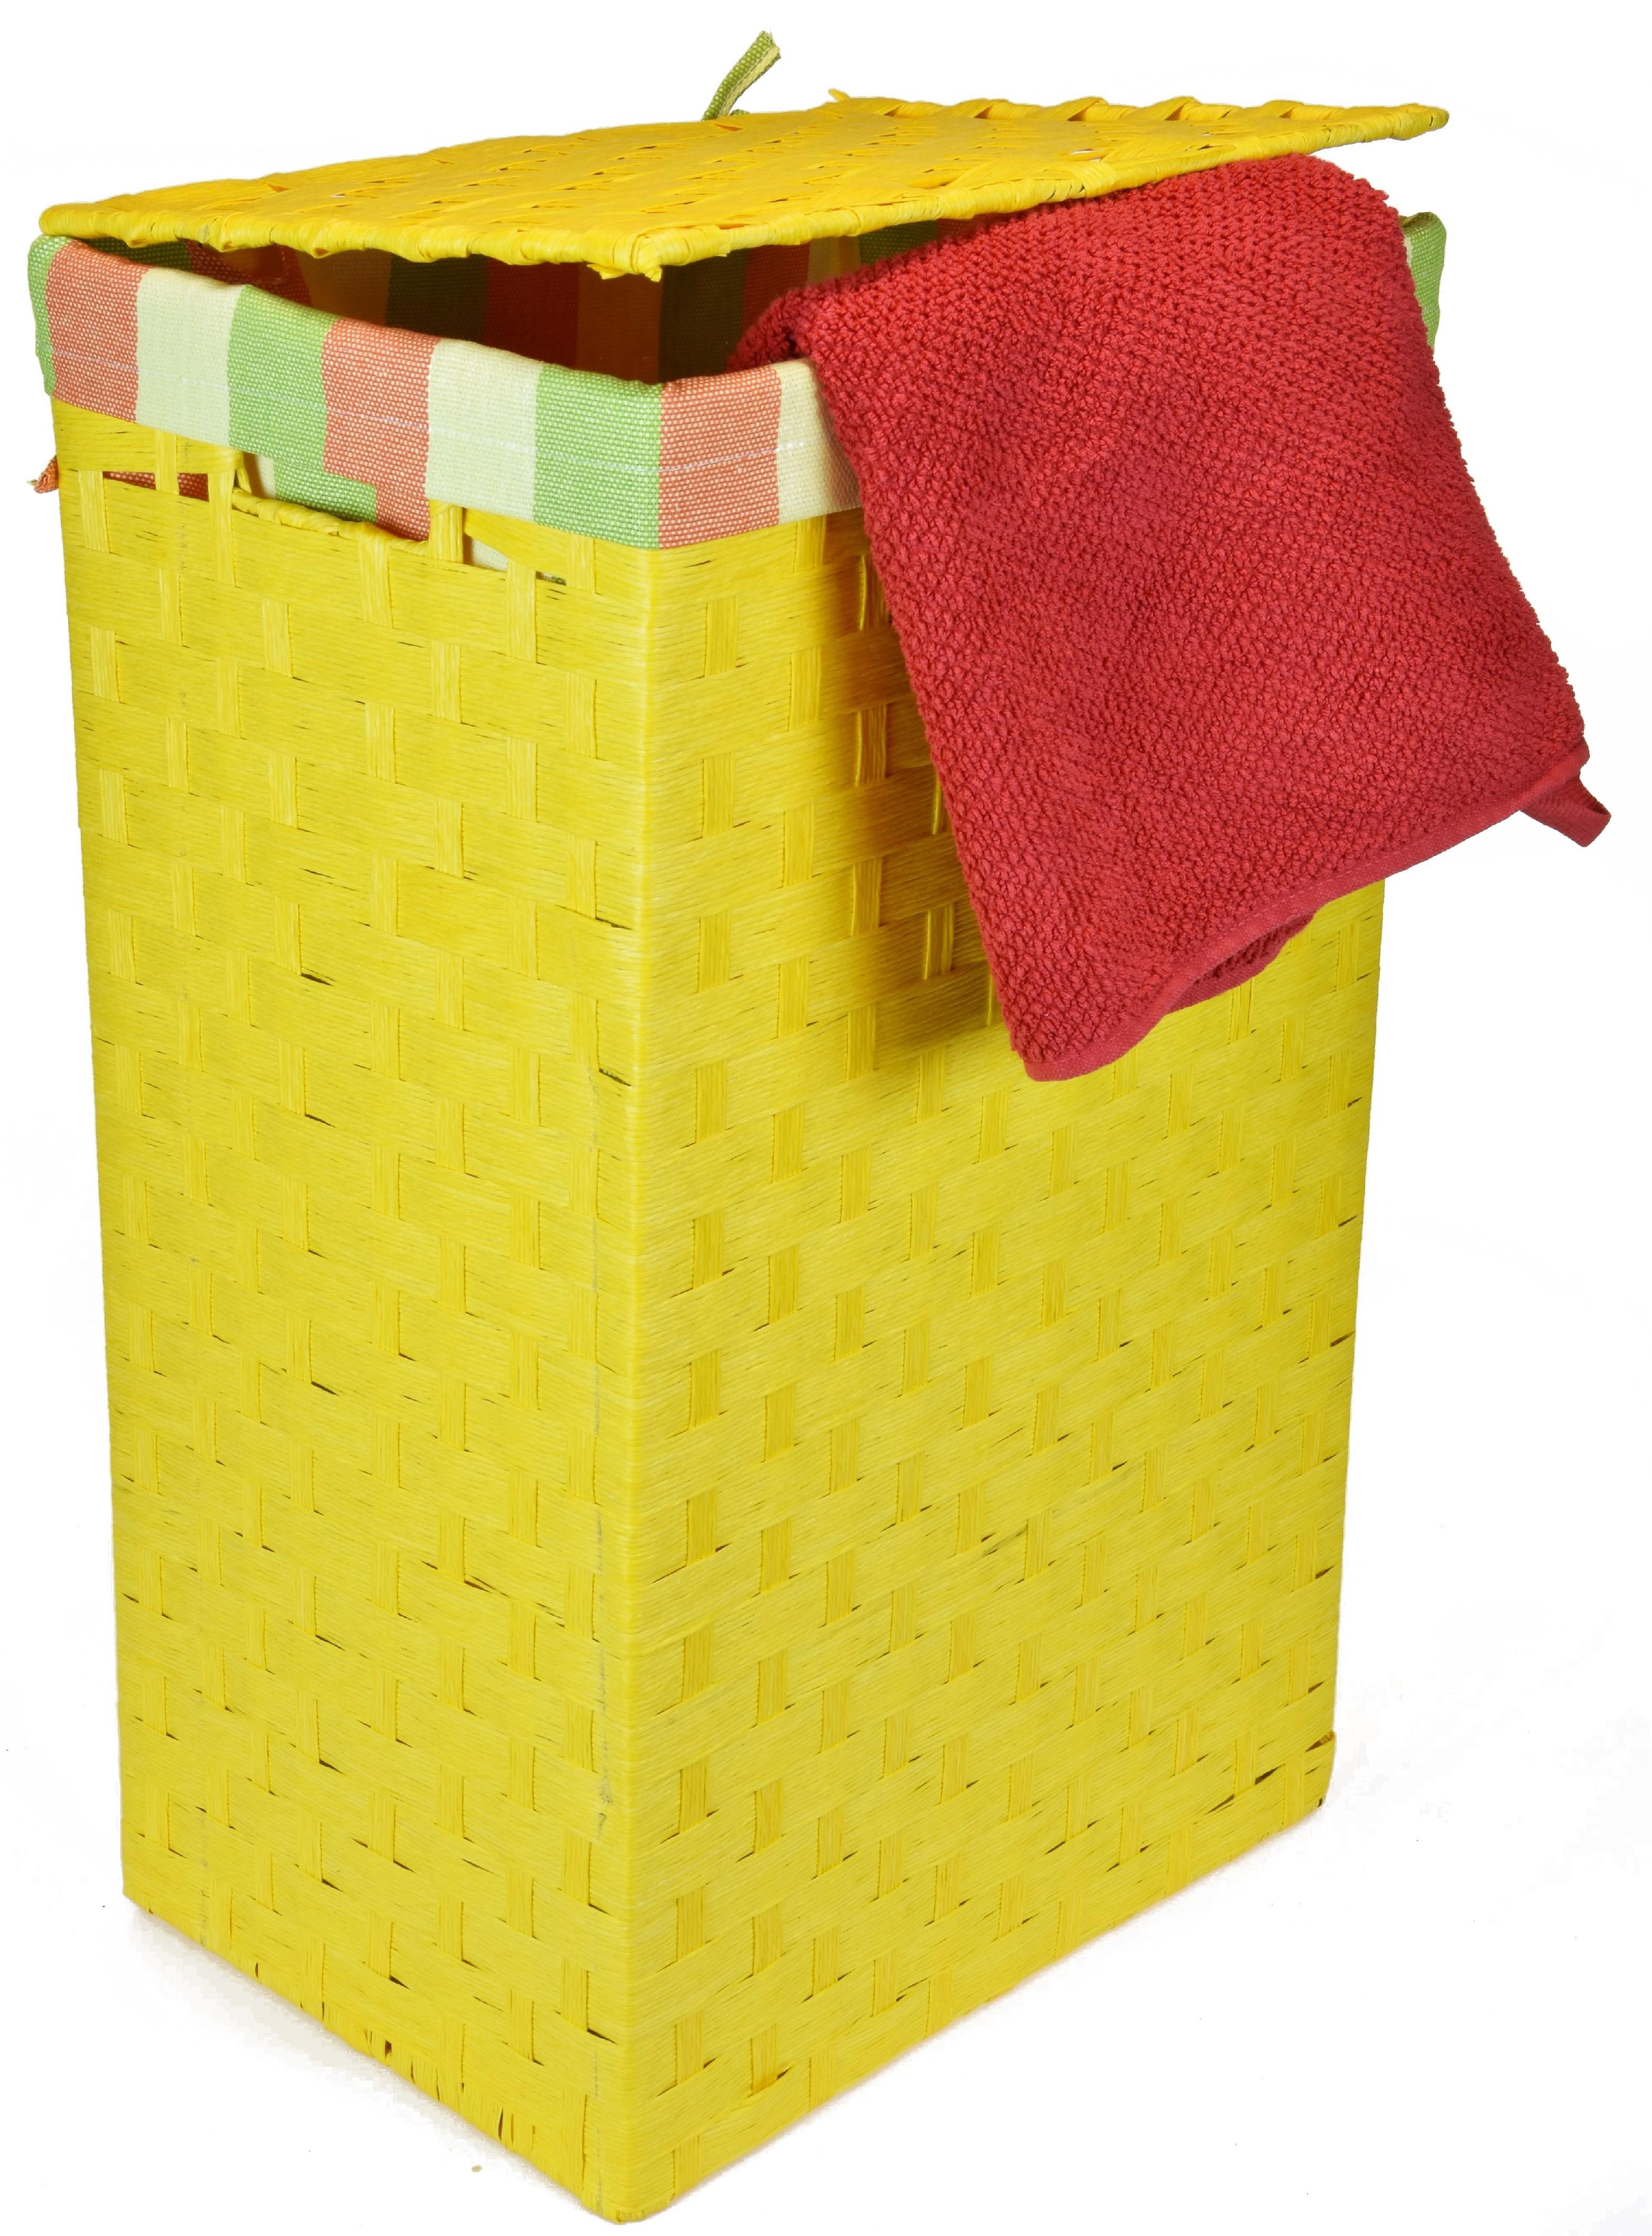 Koš na prádlo žlutý Rozměry (cm): sada 64x43x34|61x40x30|58x36x26